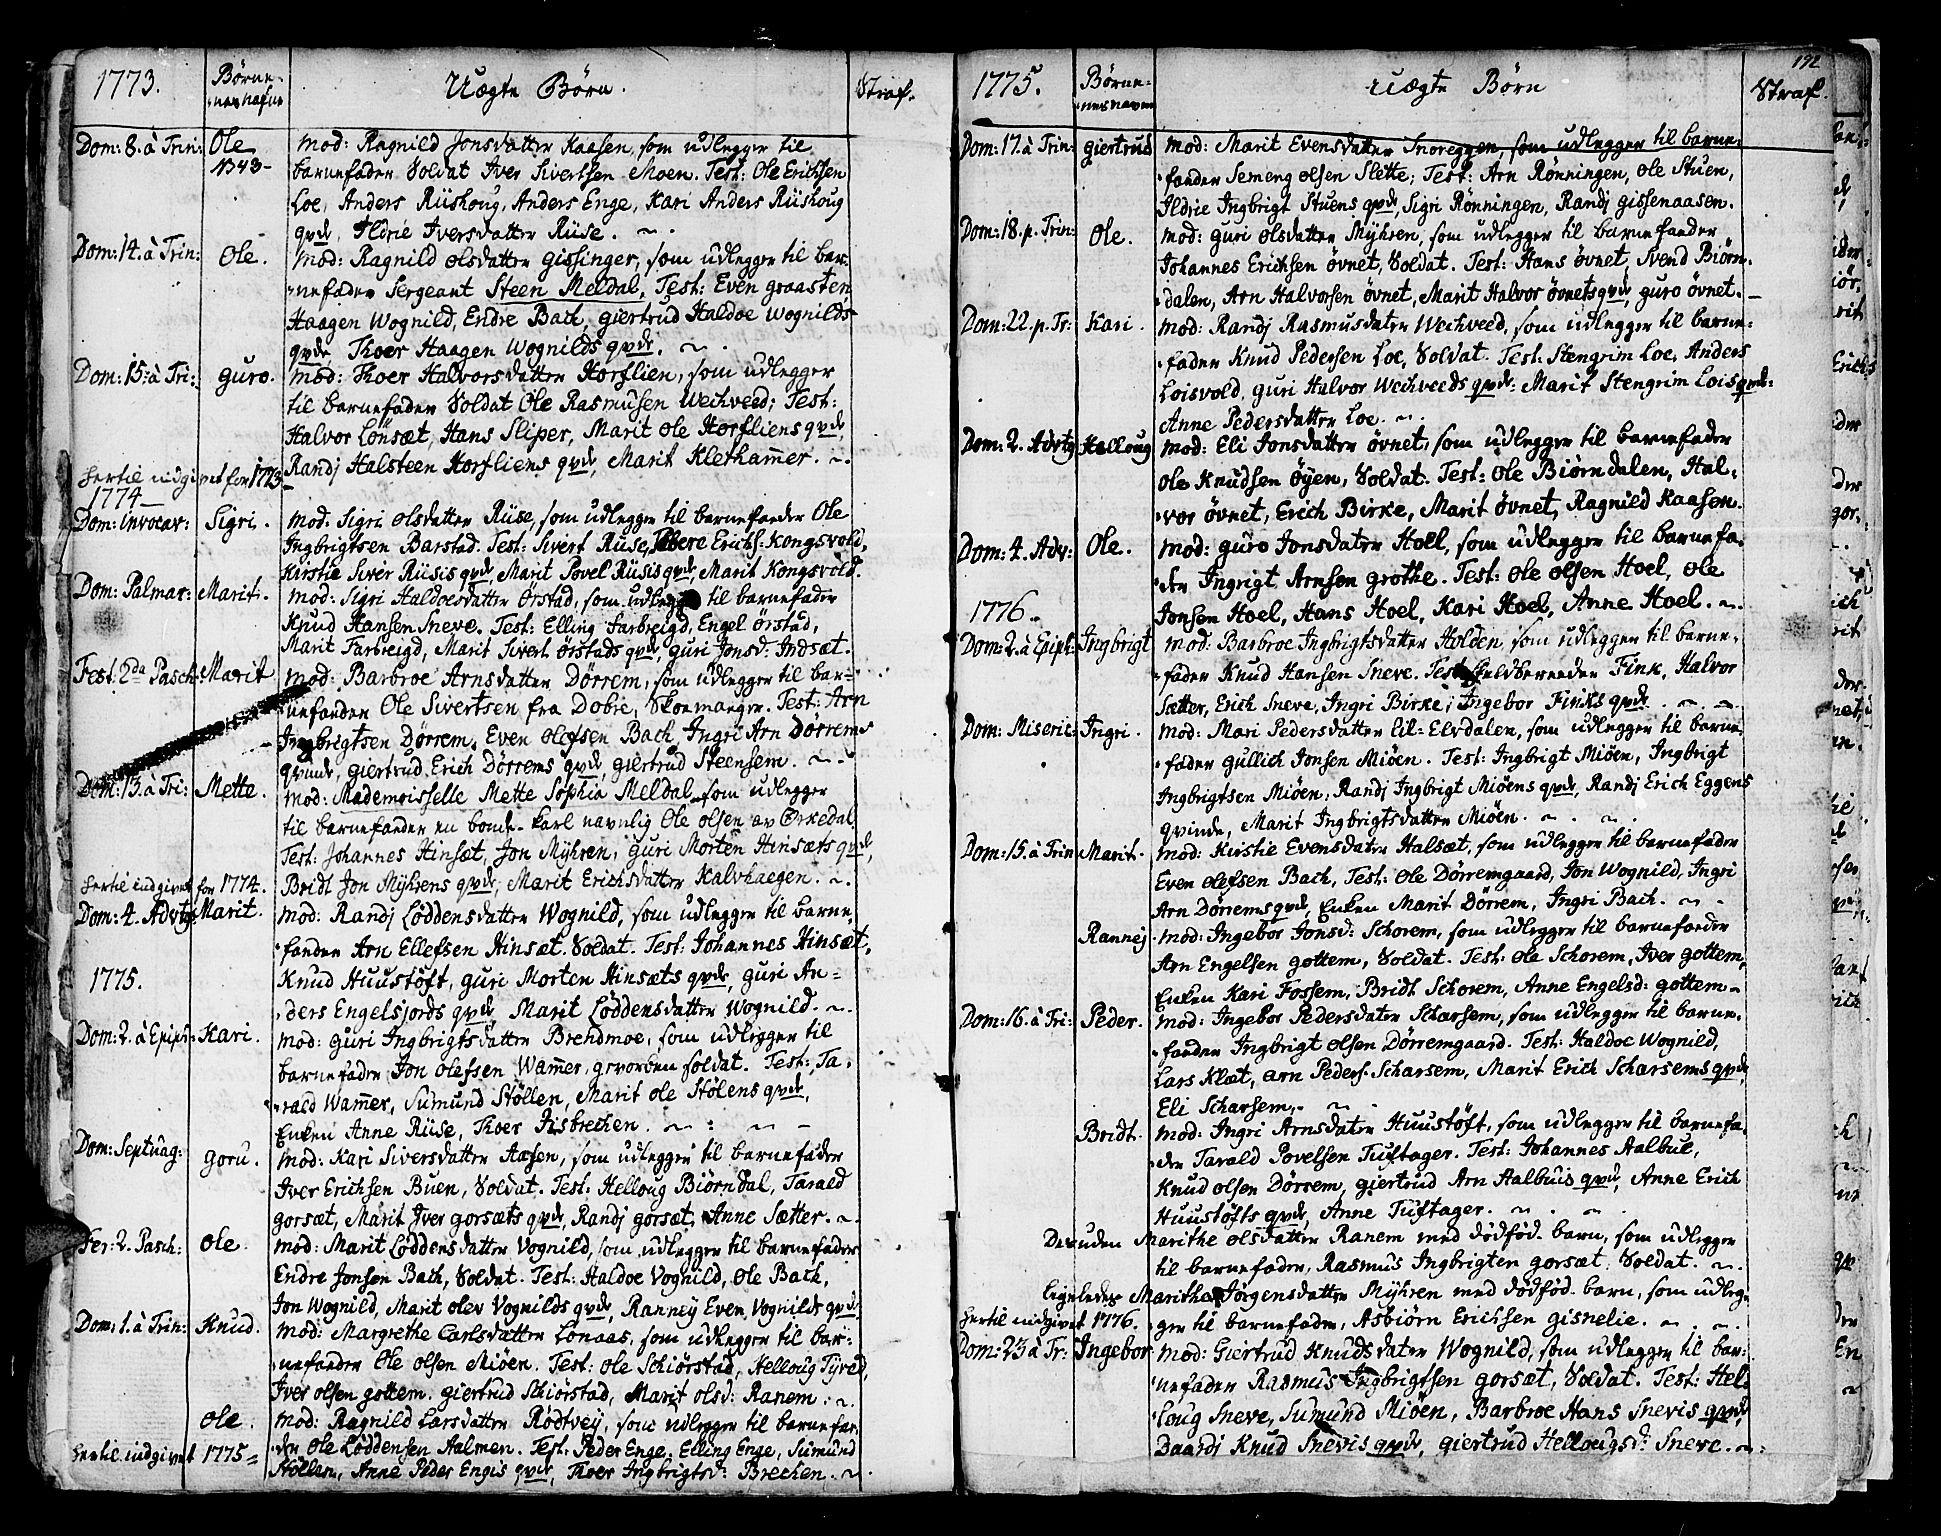 SAT, Ministerialprotokoller, klokkerbøker og fødselsregistre - Sør-Trøndelag, 678/L0891: Ministerialbok nr. 678A01, 1739-1780, s. 192